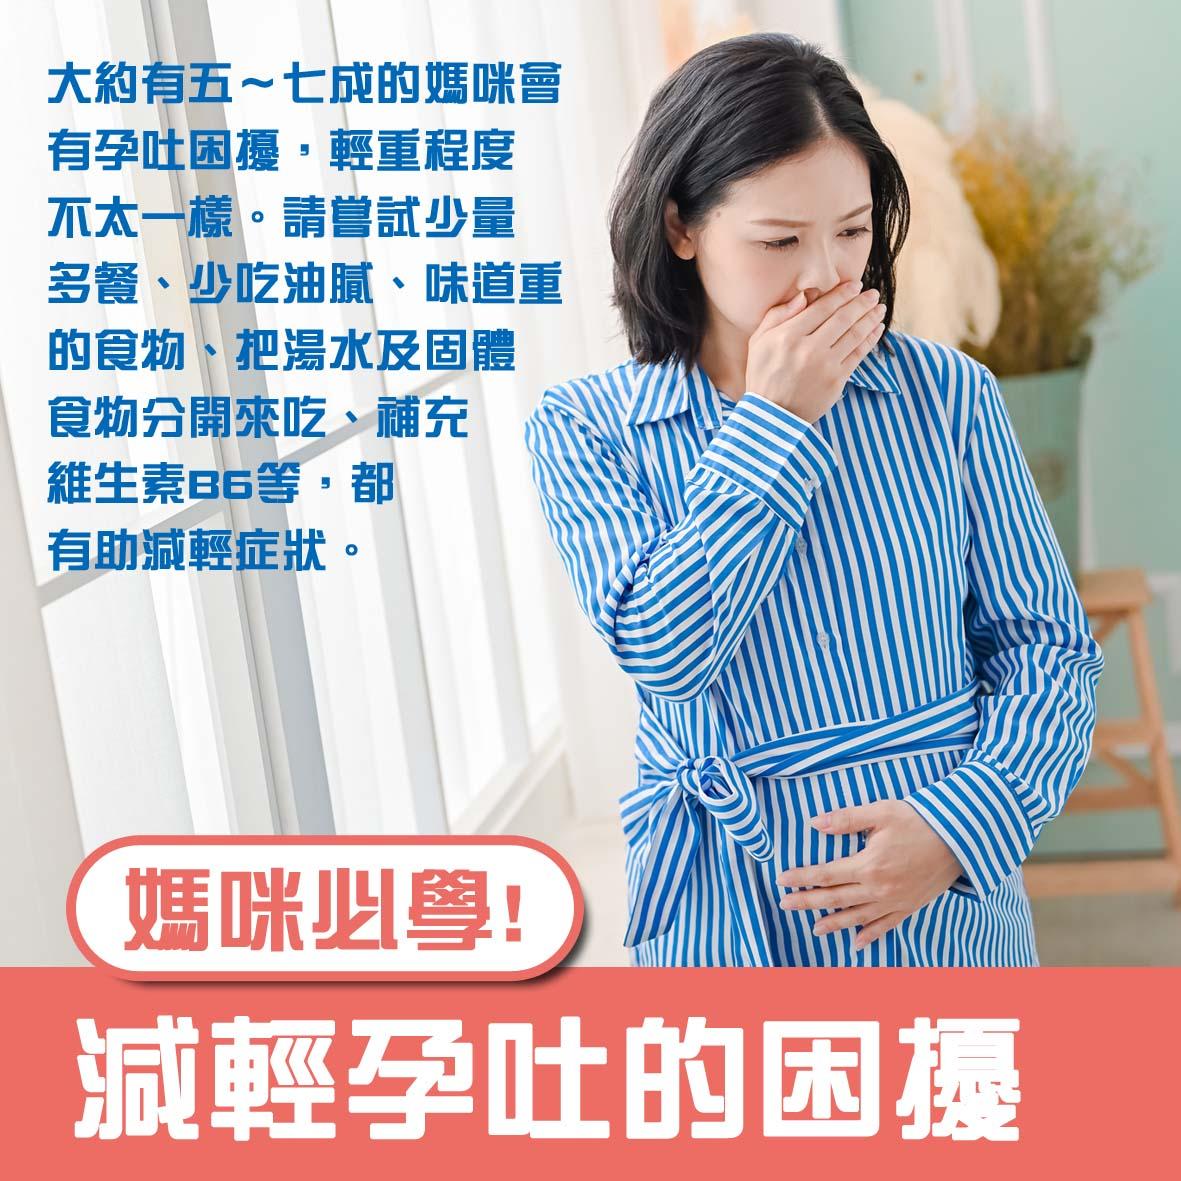 懷孕第6週-媽咪必學!減輕孕吐的困擾